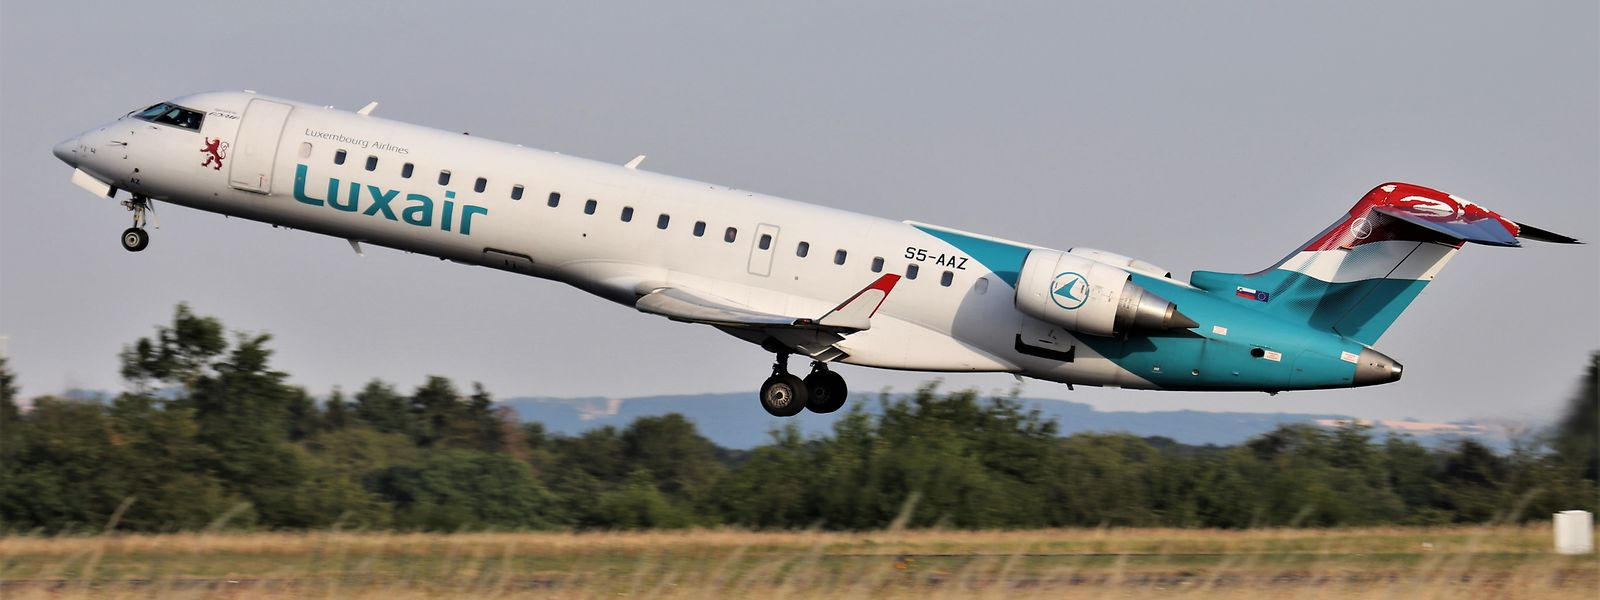 Luxair fliegt aber ab Saarbrücken mit einer von Adria gemieteten CRJ-700, die in voller Luxair Bemalung auftritt.